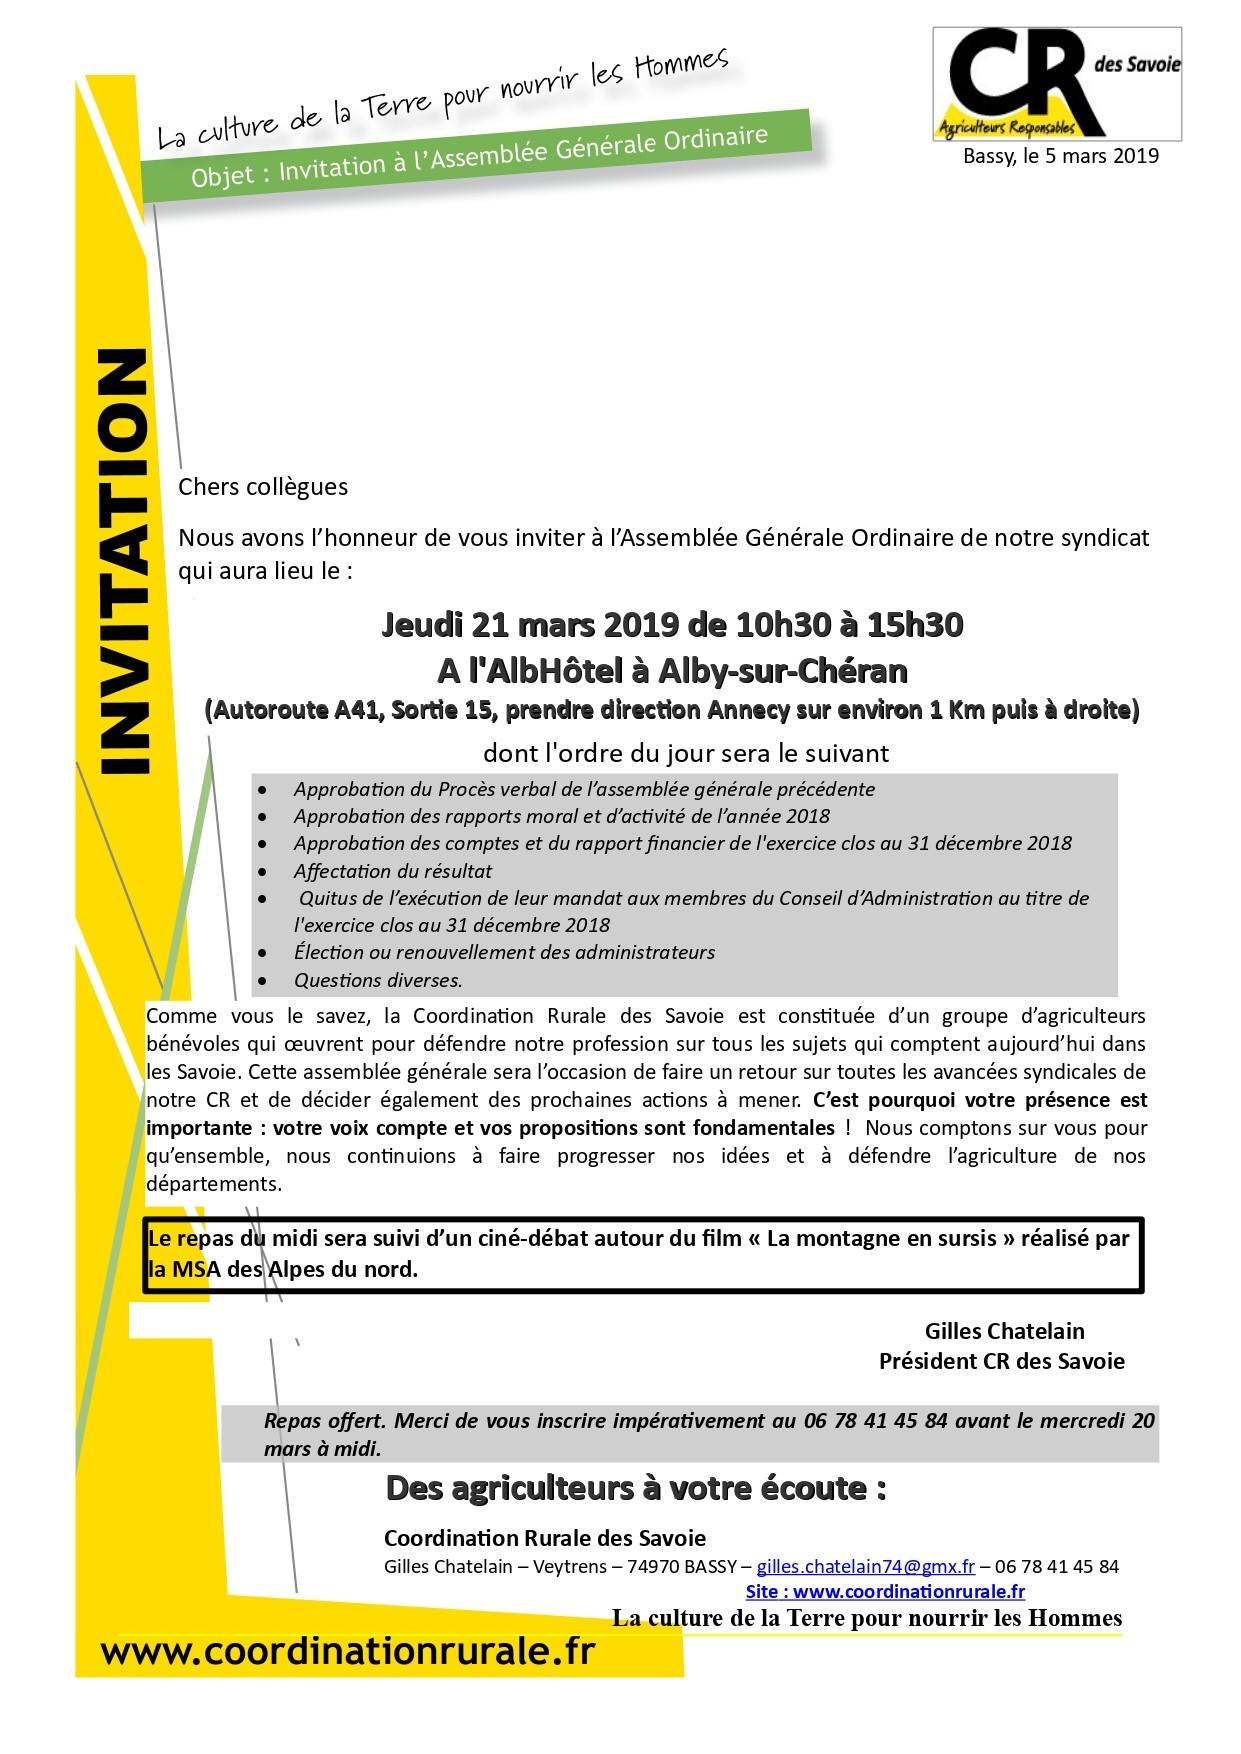 Invitation Assemblée Générale CR des Savoie